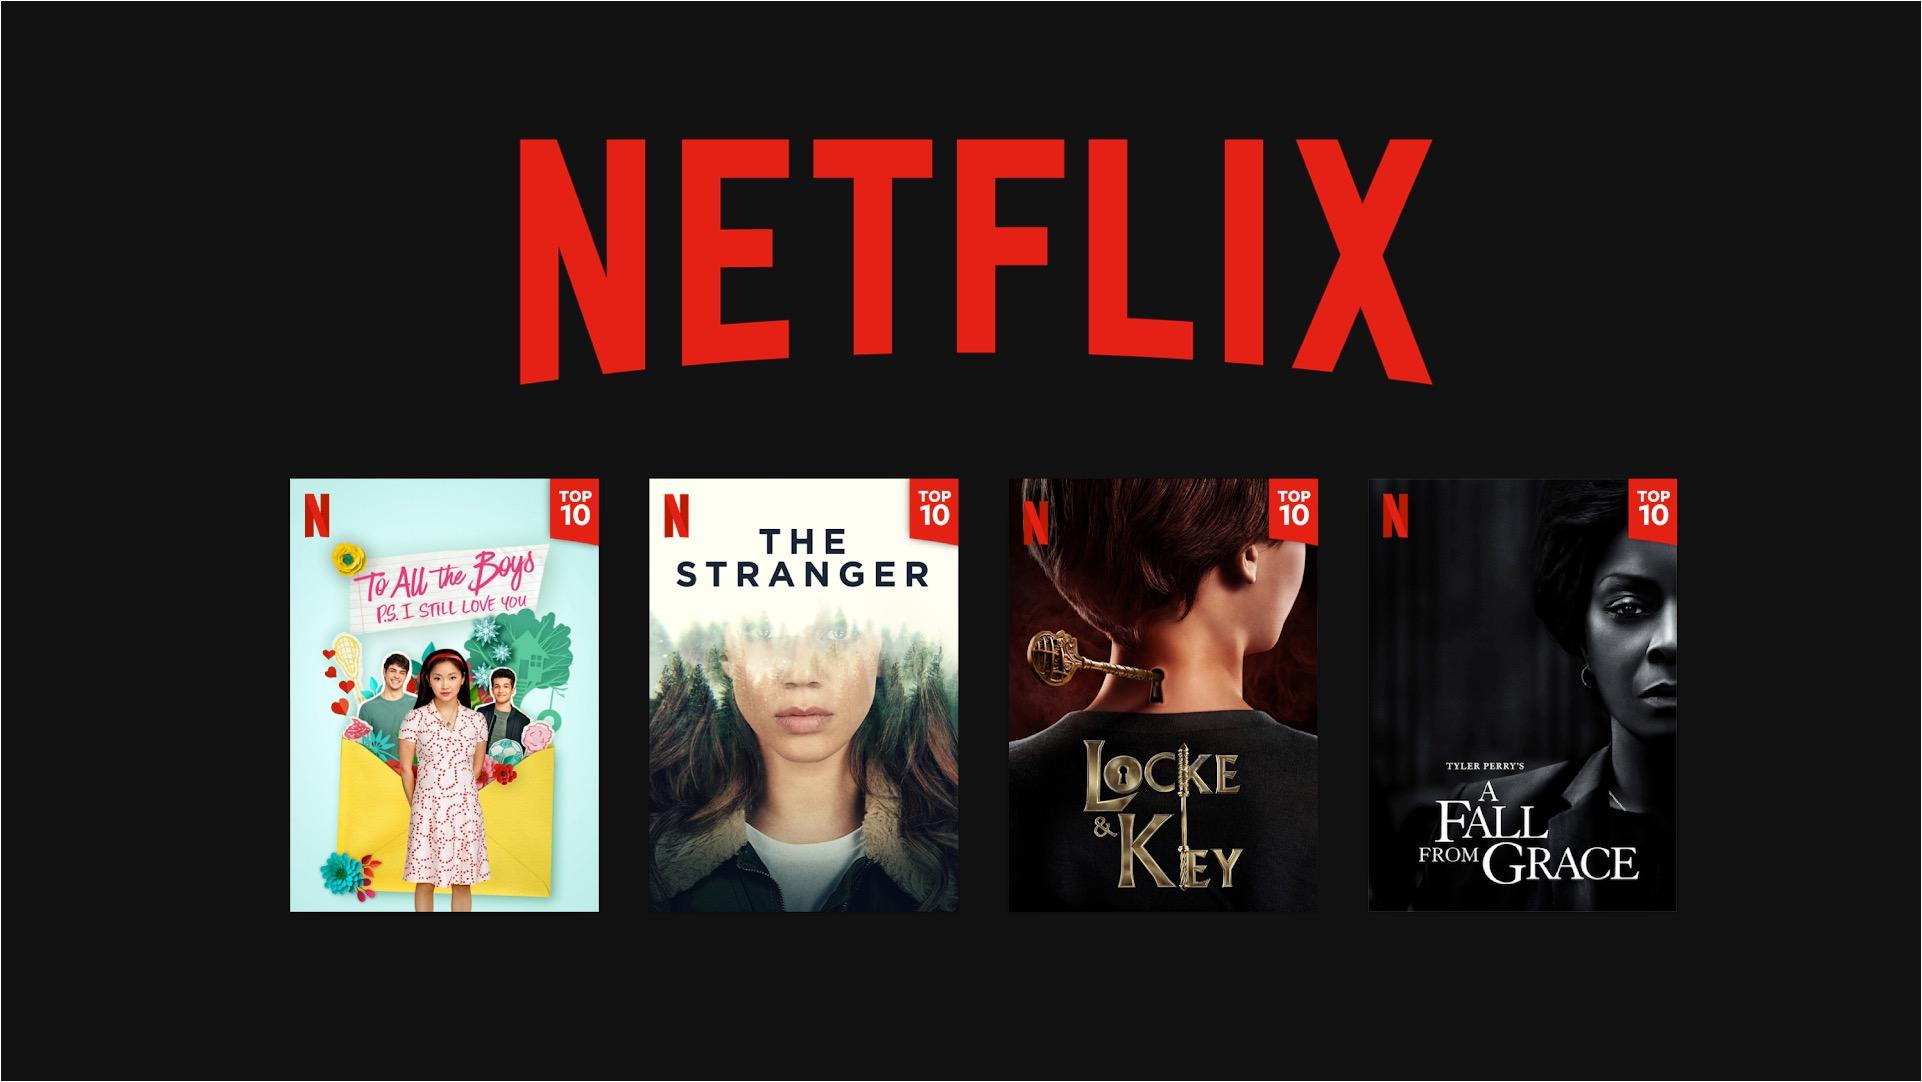 Netflix incorpora en plataforma Top 10 de títulos más populares